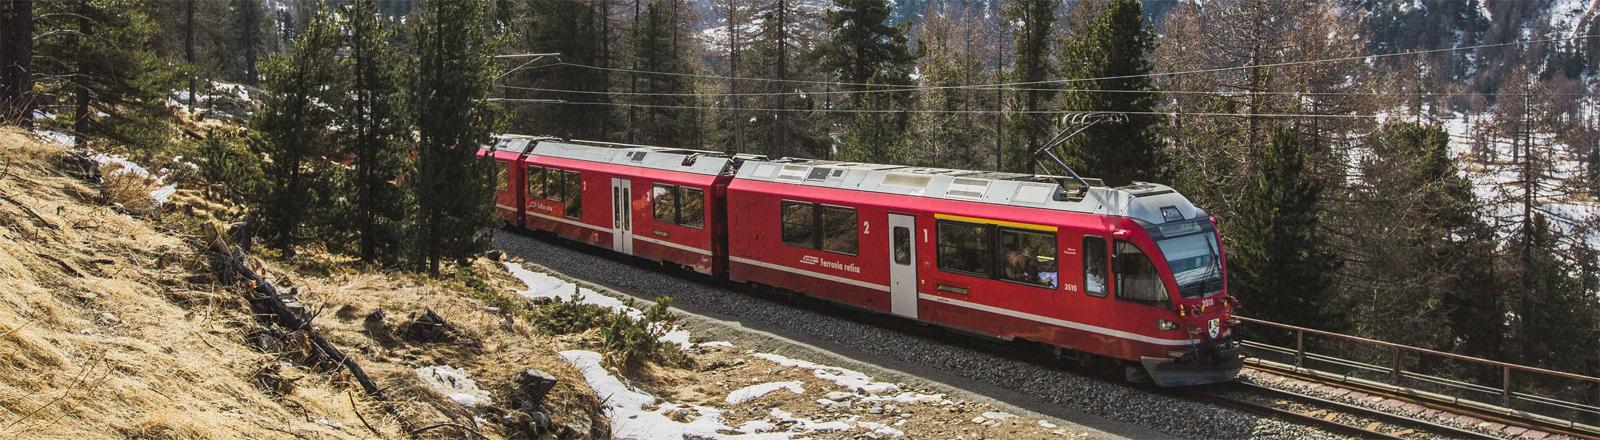 Über die Alpen mit der Bahn: der Berninaexpress in den Schweizer Alpen